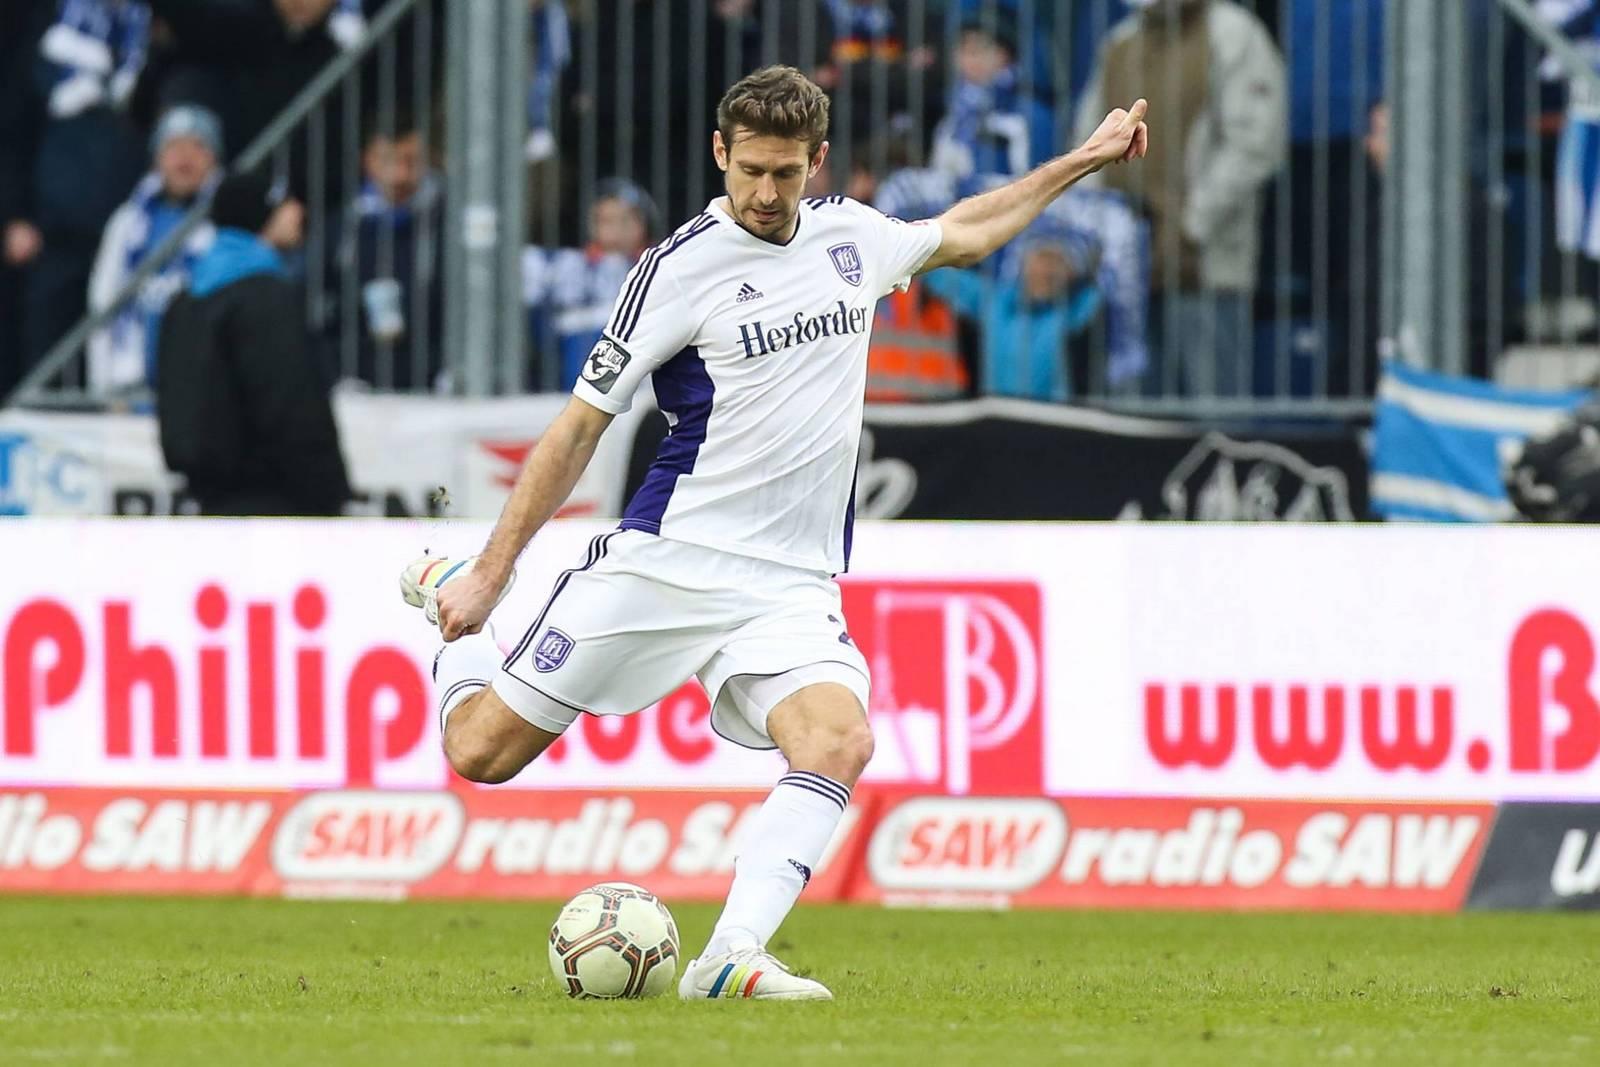 Tobias Willers mit einem langen Ball.